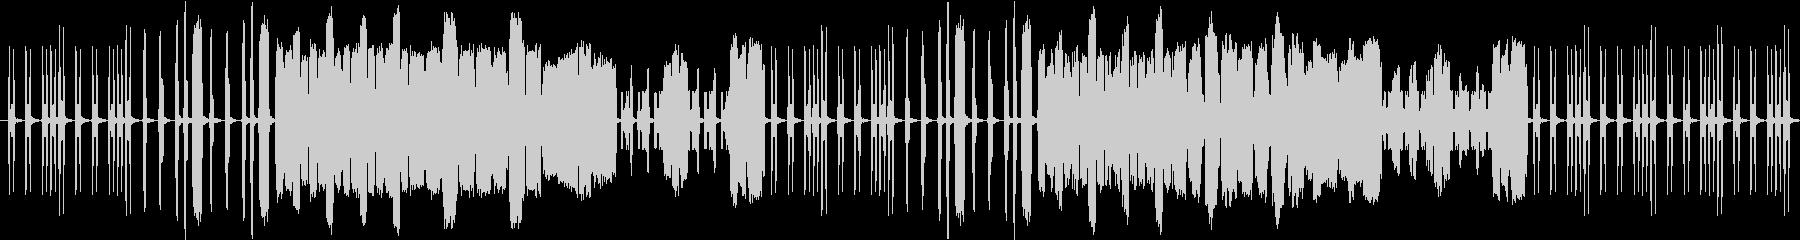 コミカルな動きをする虫をイメージした曲の未再生の波形